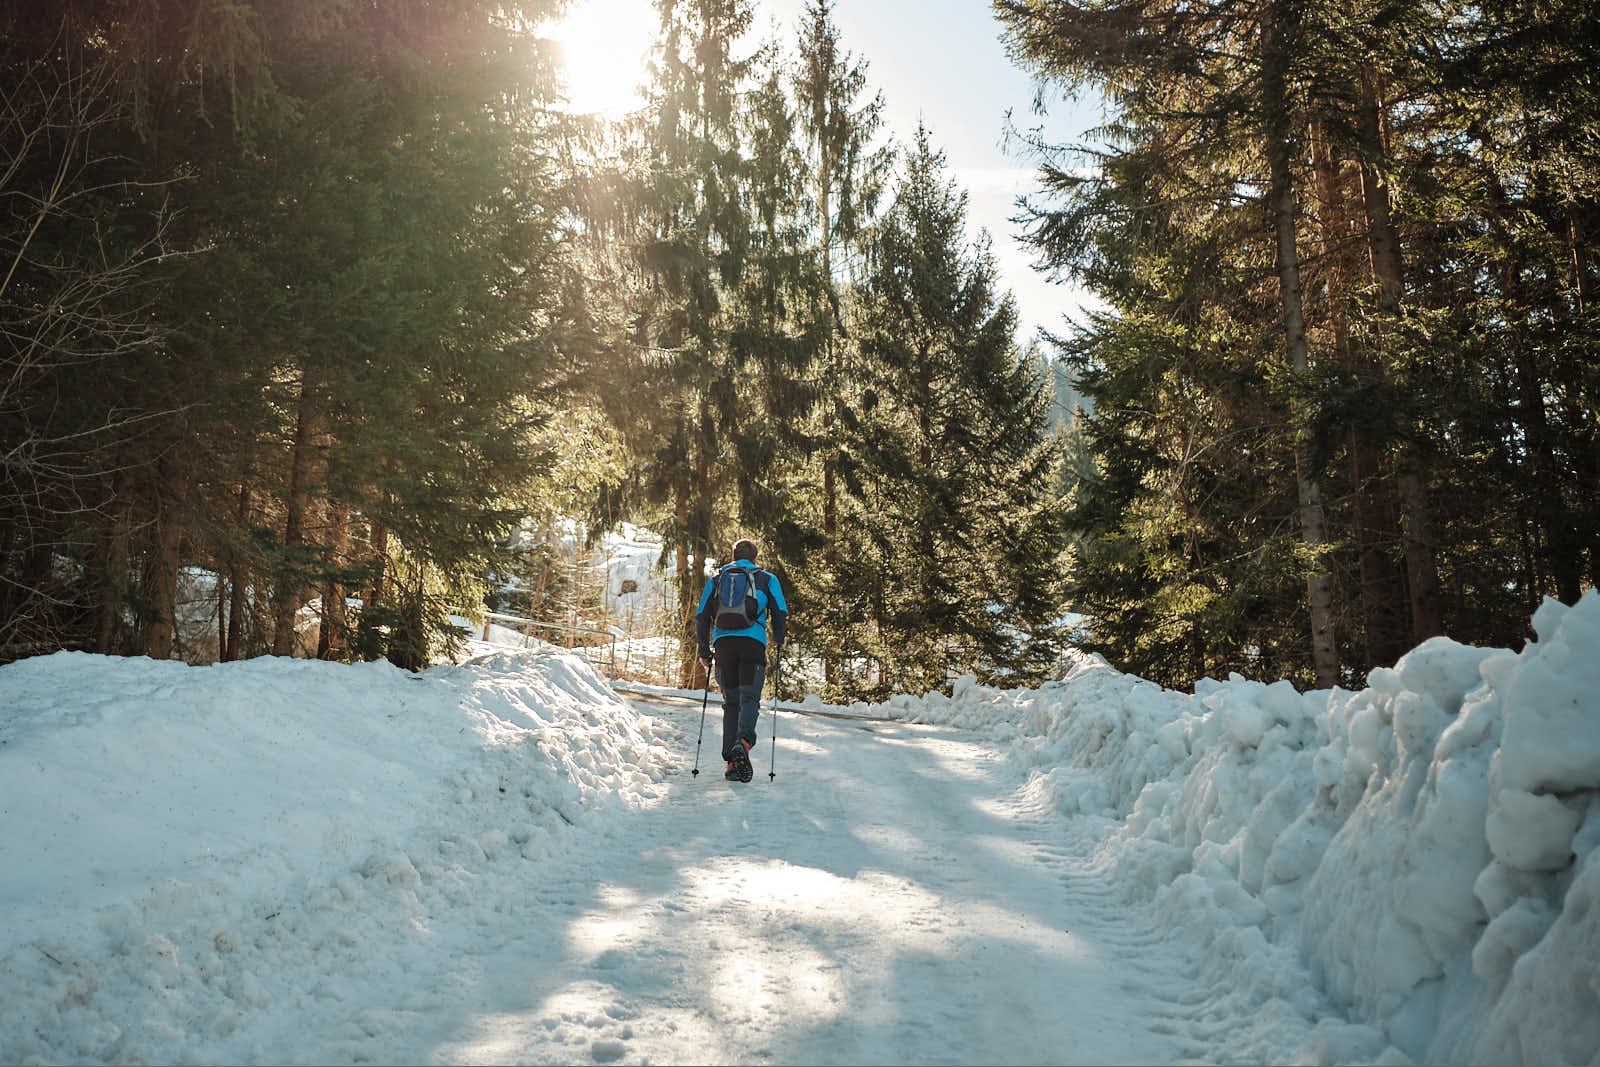 Schneebedeckter Weg im Wald